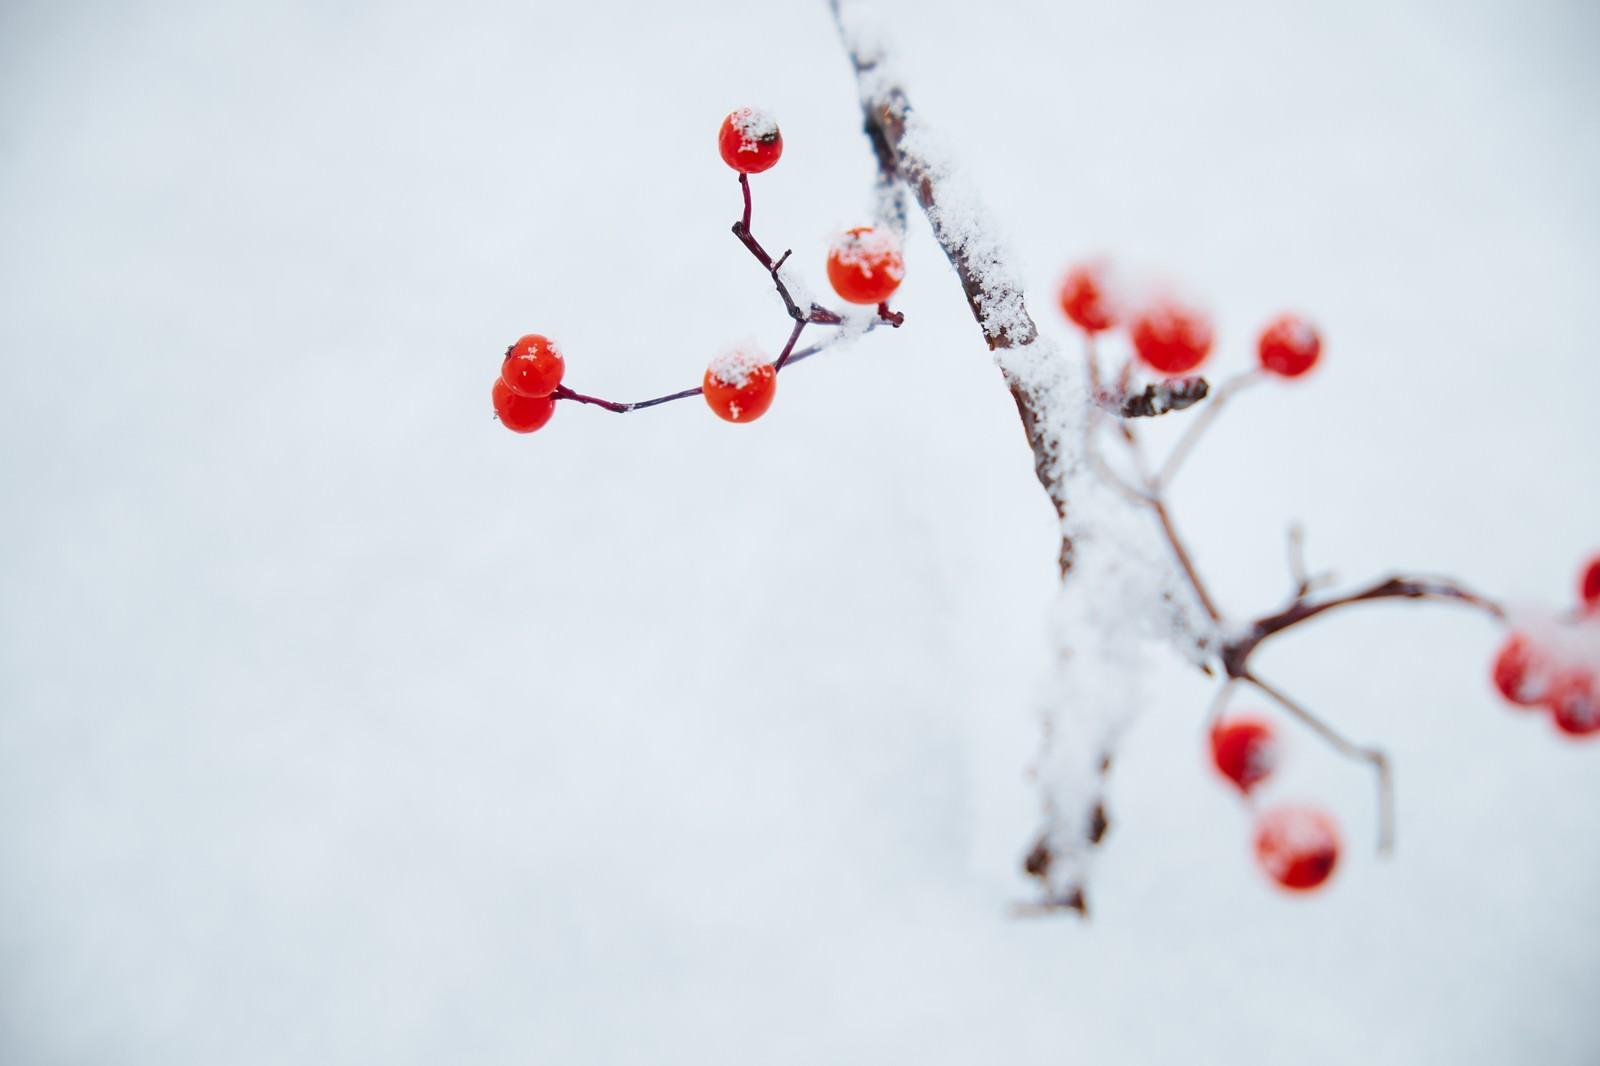 「雪とナナカマド」の写真